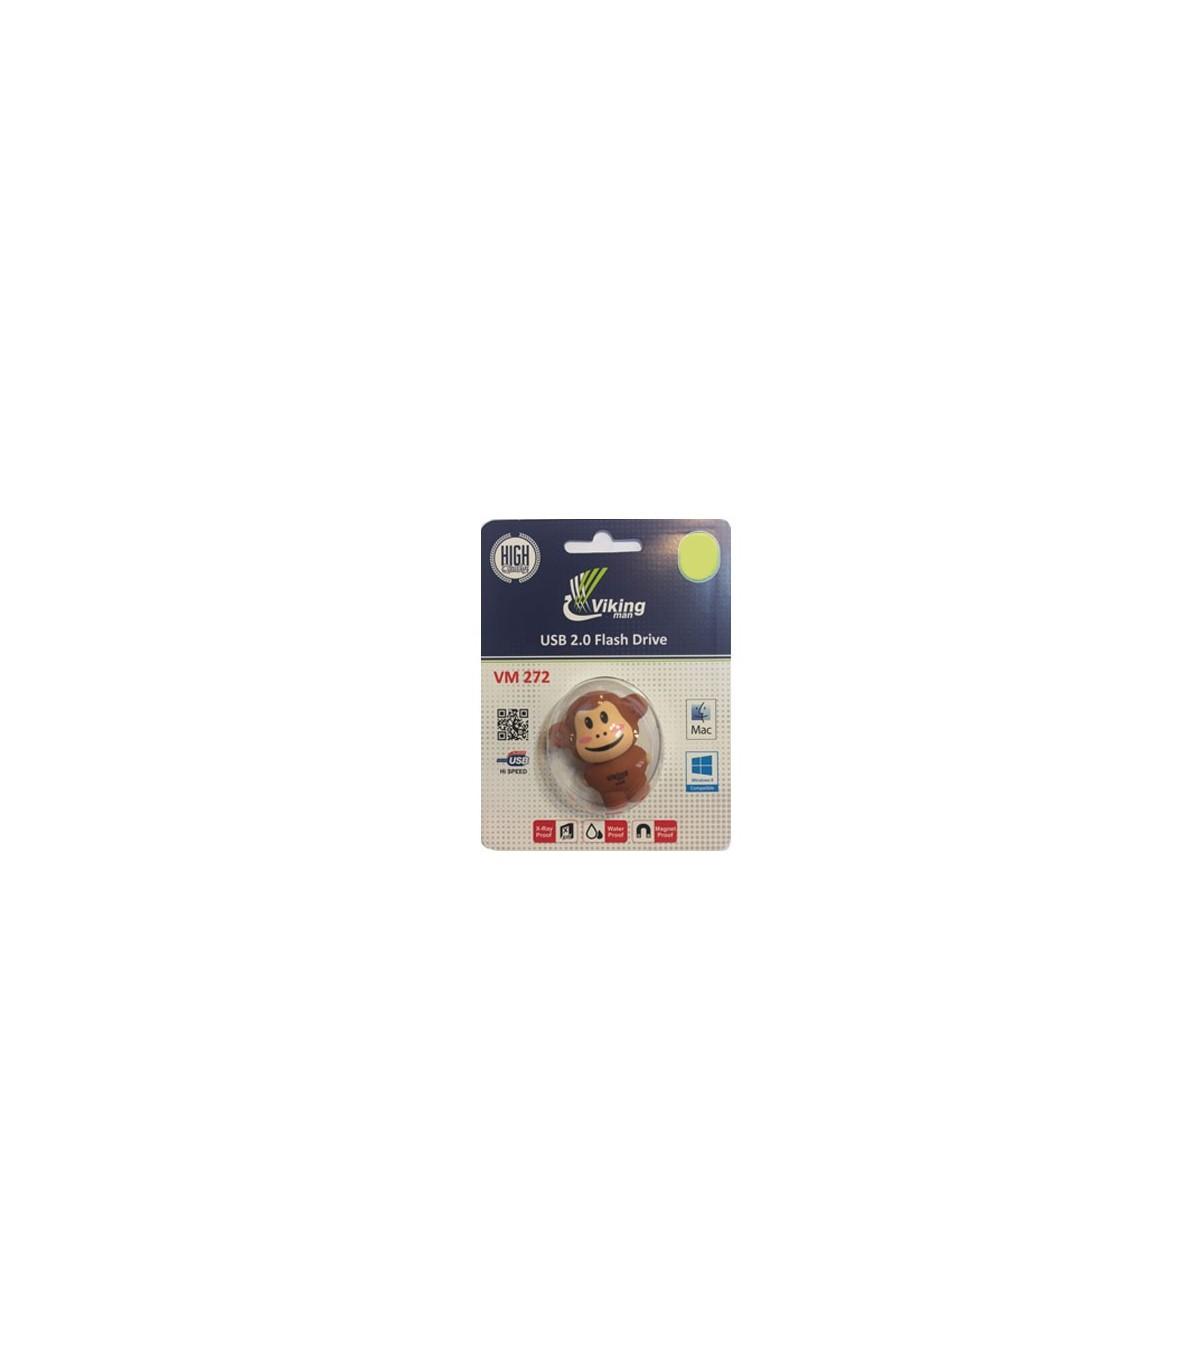 فلش مموری وایکینگ 16 گیگابایت VM 272